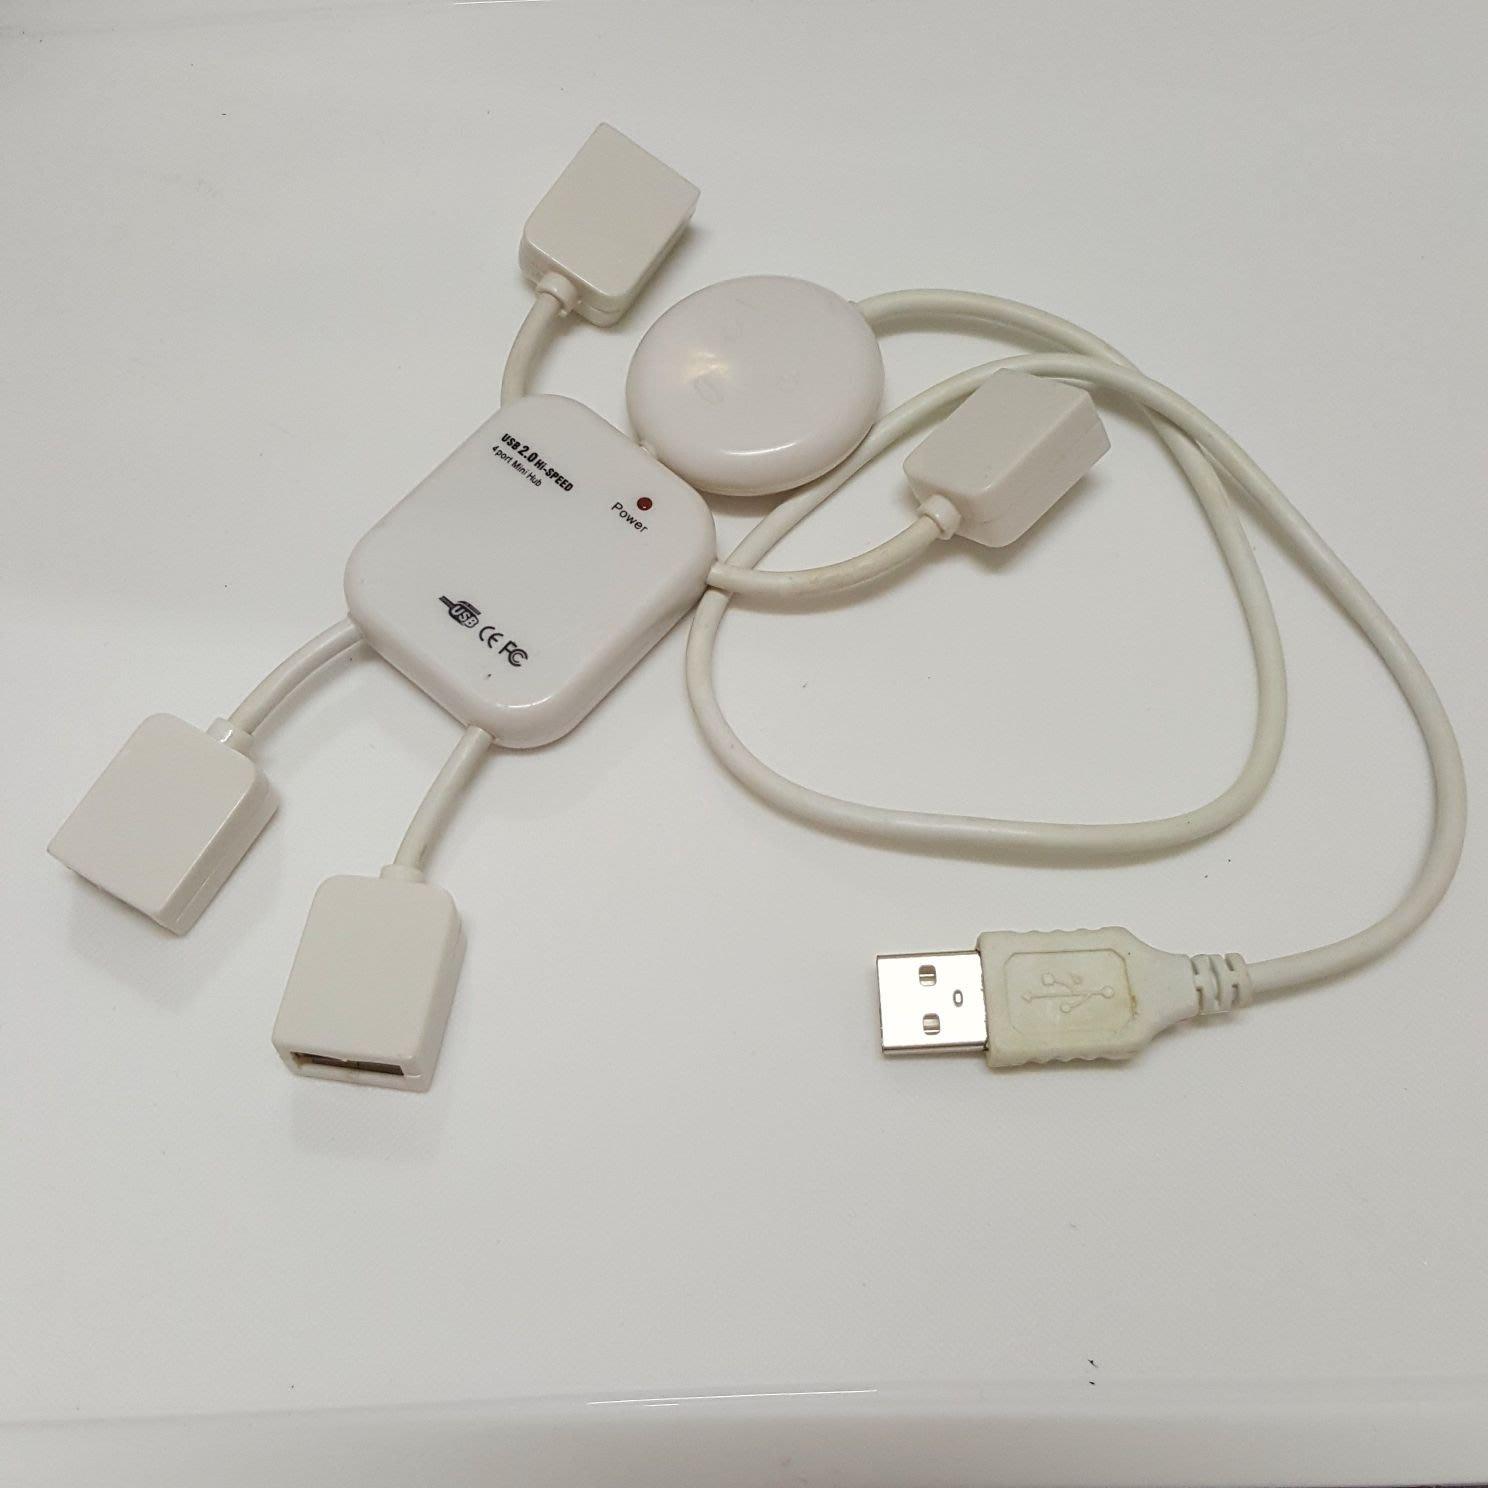 USB 1分4 通通便宜賣 另有 開關 日光燈 抽風扇 收納盒 鞋墊 手機 手錶 時鐘  T箱